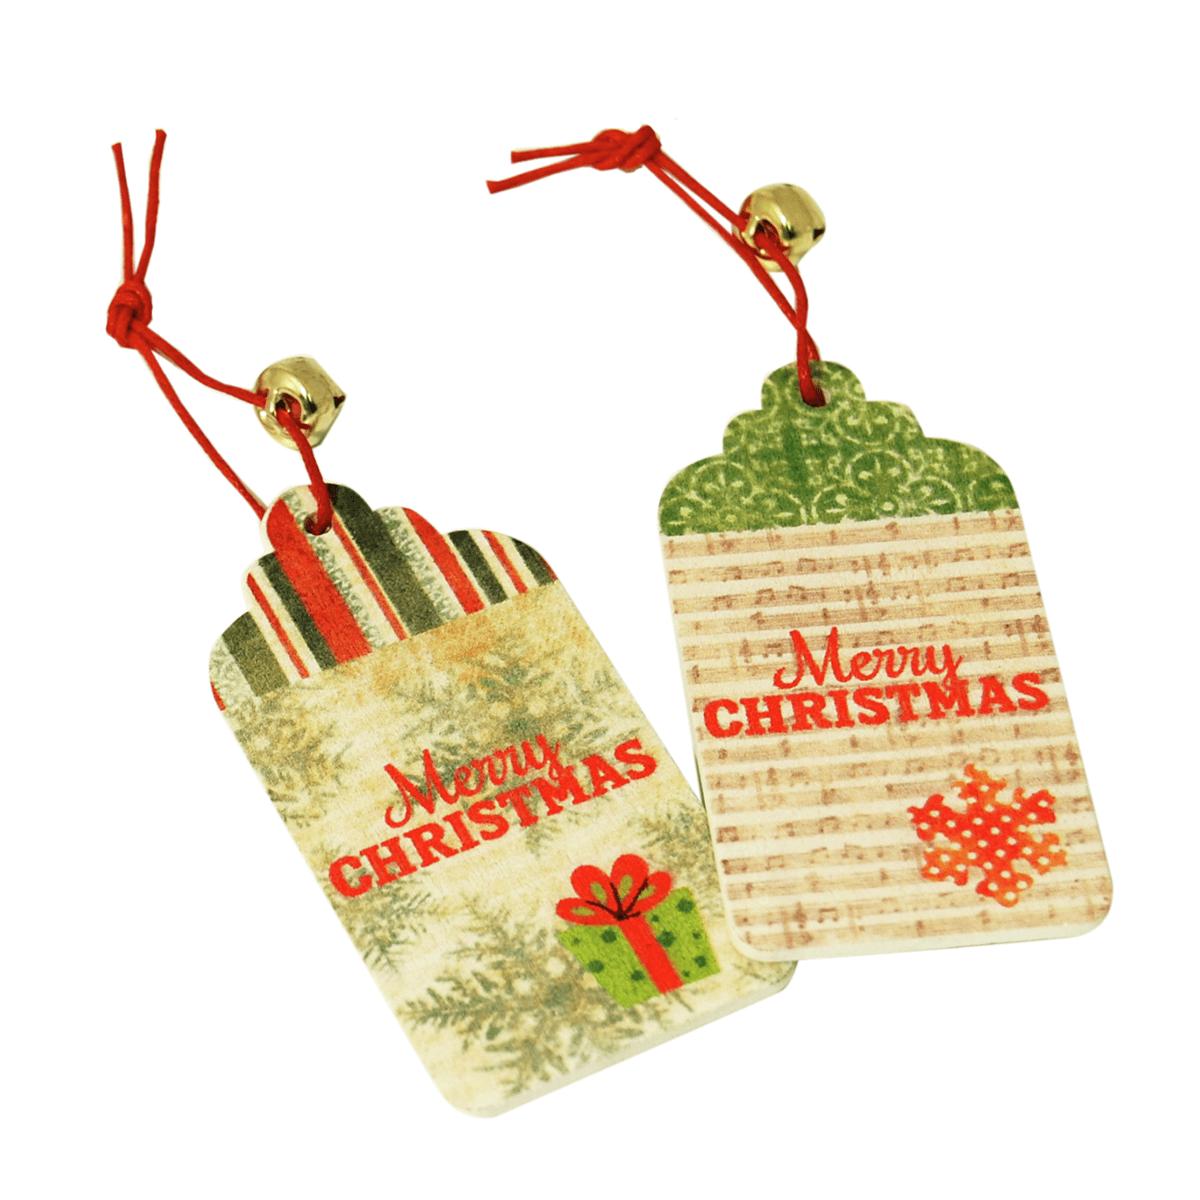 2 x Christmas Tag Merry Christmas Embellishments Craft